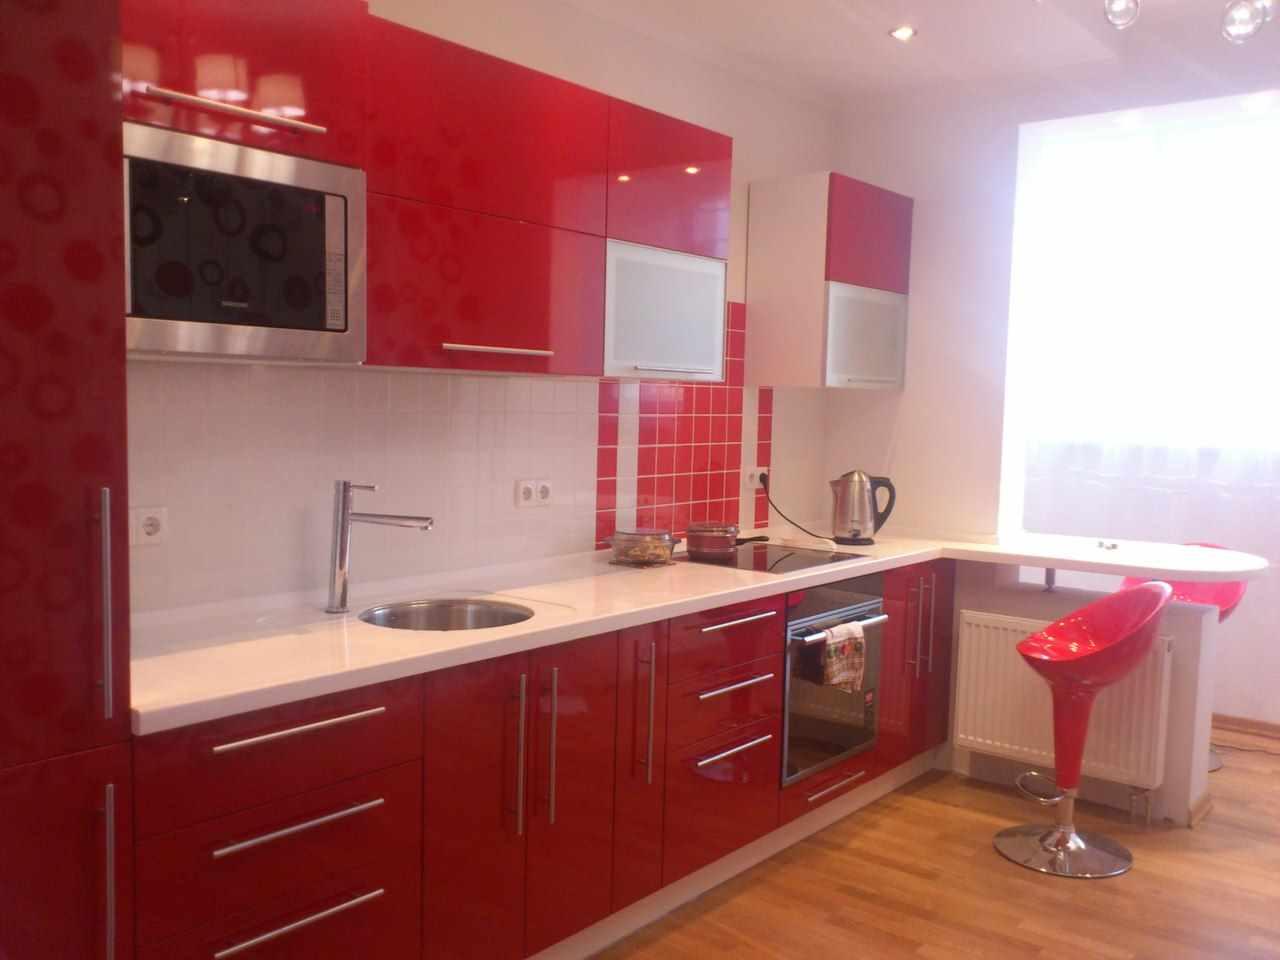 variantă a unui frumos decor din bucătăria roșie